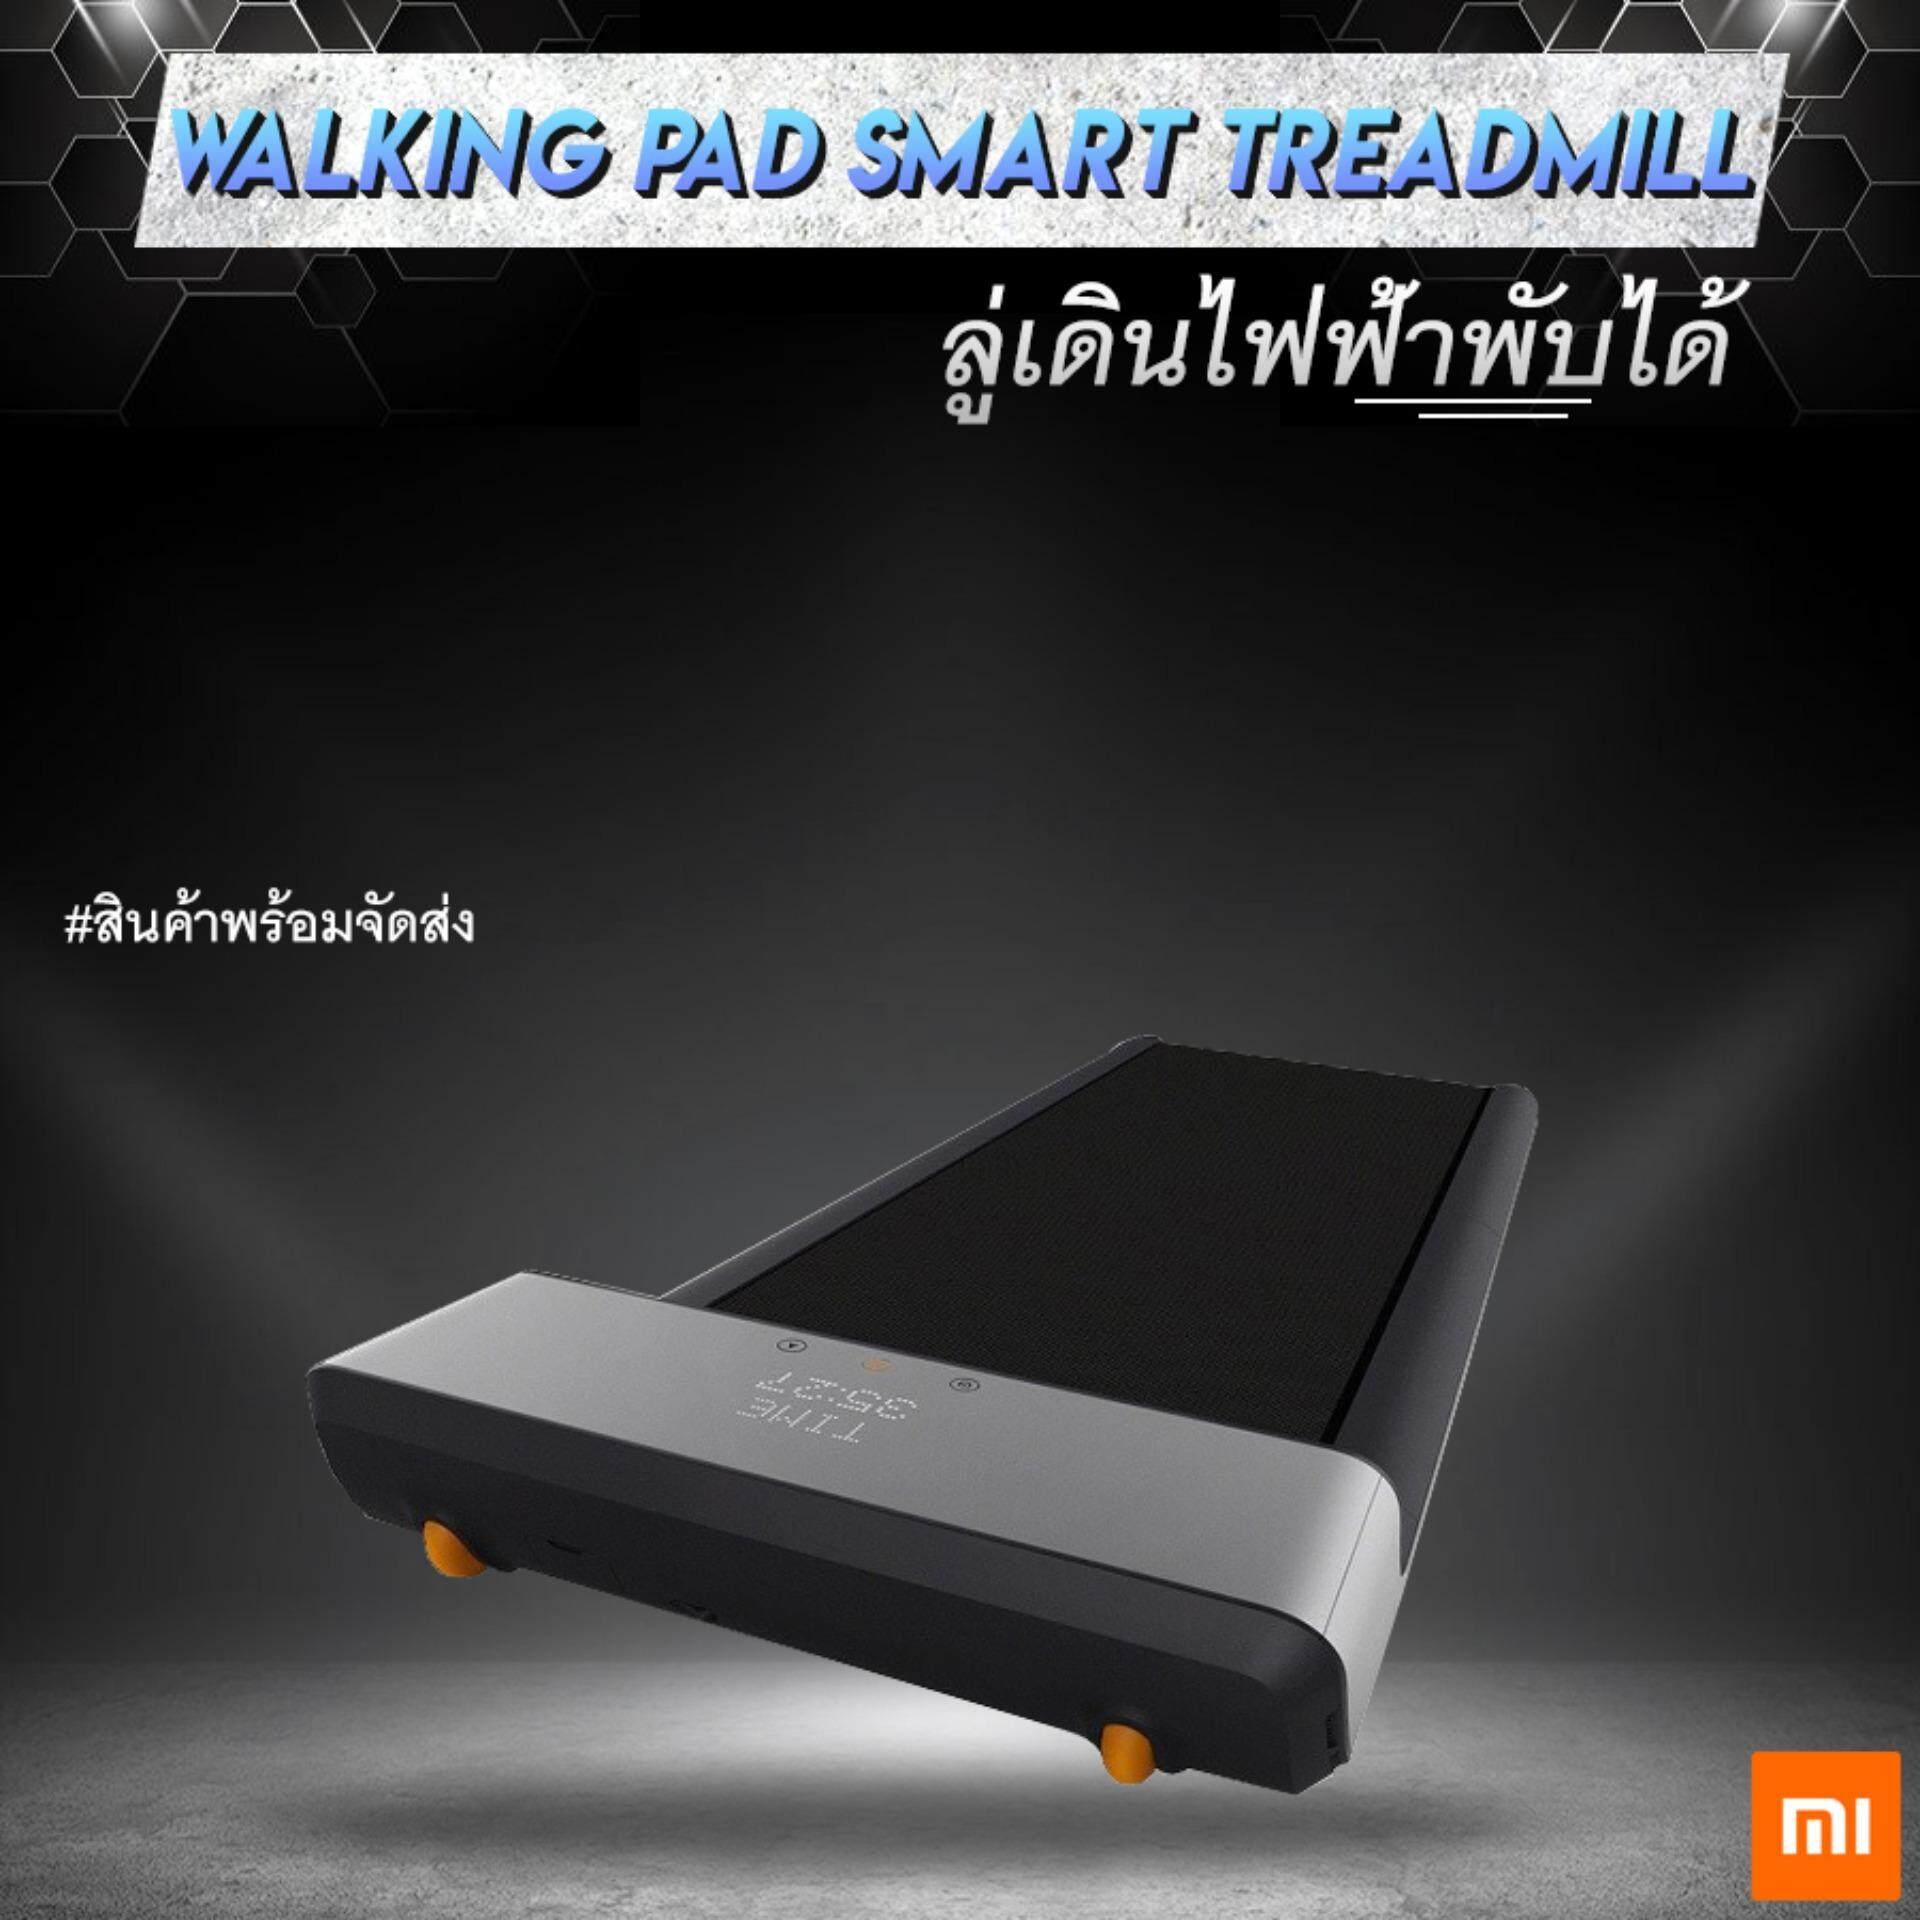 Xiaomi Walking Pad Smart Treadmill - ลู่เดินไฟฟ้า ควบคุมด้วยรีโมท พับเก็บได้ ประหยัดพื้นที่ (รับประกัน 1 เดือน )  - 56cbecd486977dc00296443954e69c5b - X-running ลู่วิ่งไฟฟ้า รุ่นอัพเกรด ขนาด 2.5 แรงม้า I เอ็กซ์รันนิ่ง